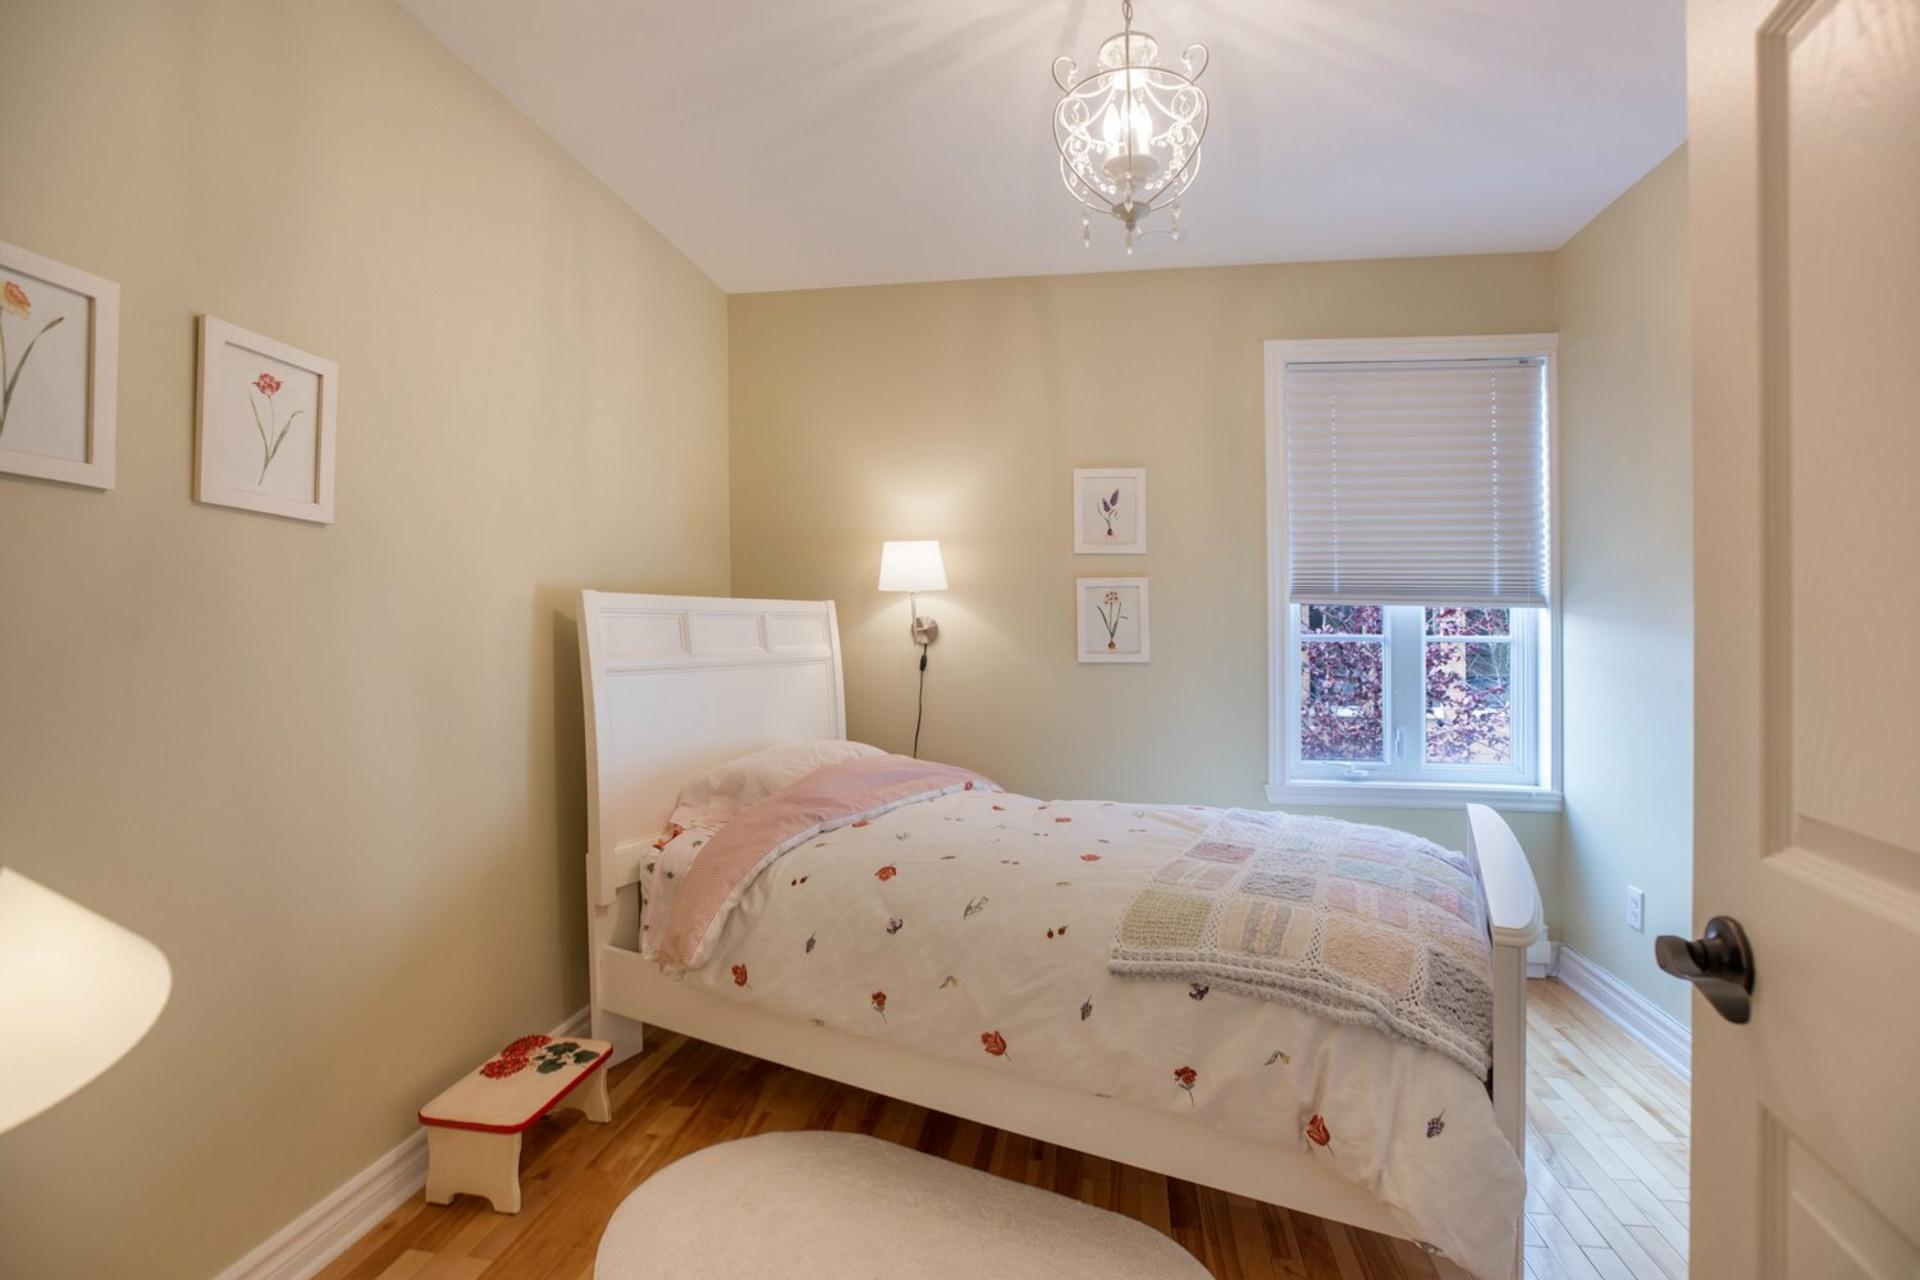 image 18 - Maison À vendre Ahuntsic-Cartierville Montréal  - 8 pièces